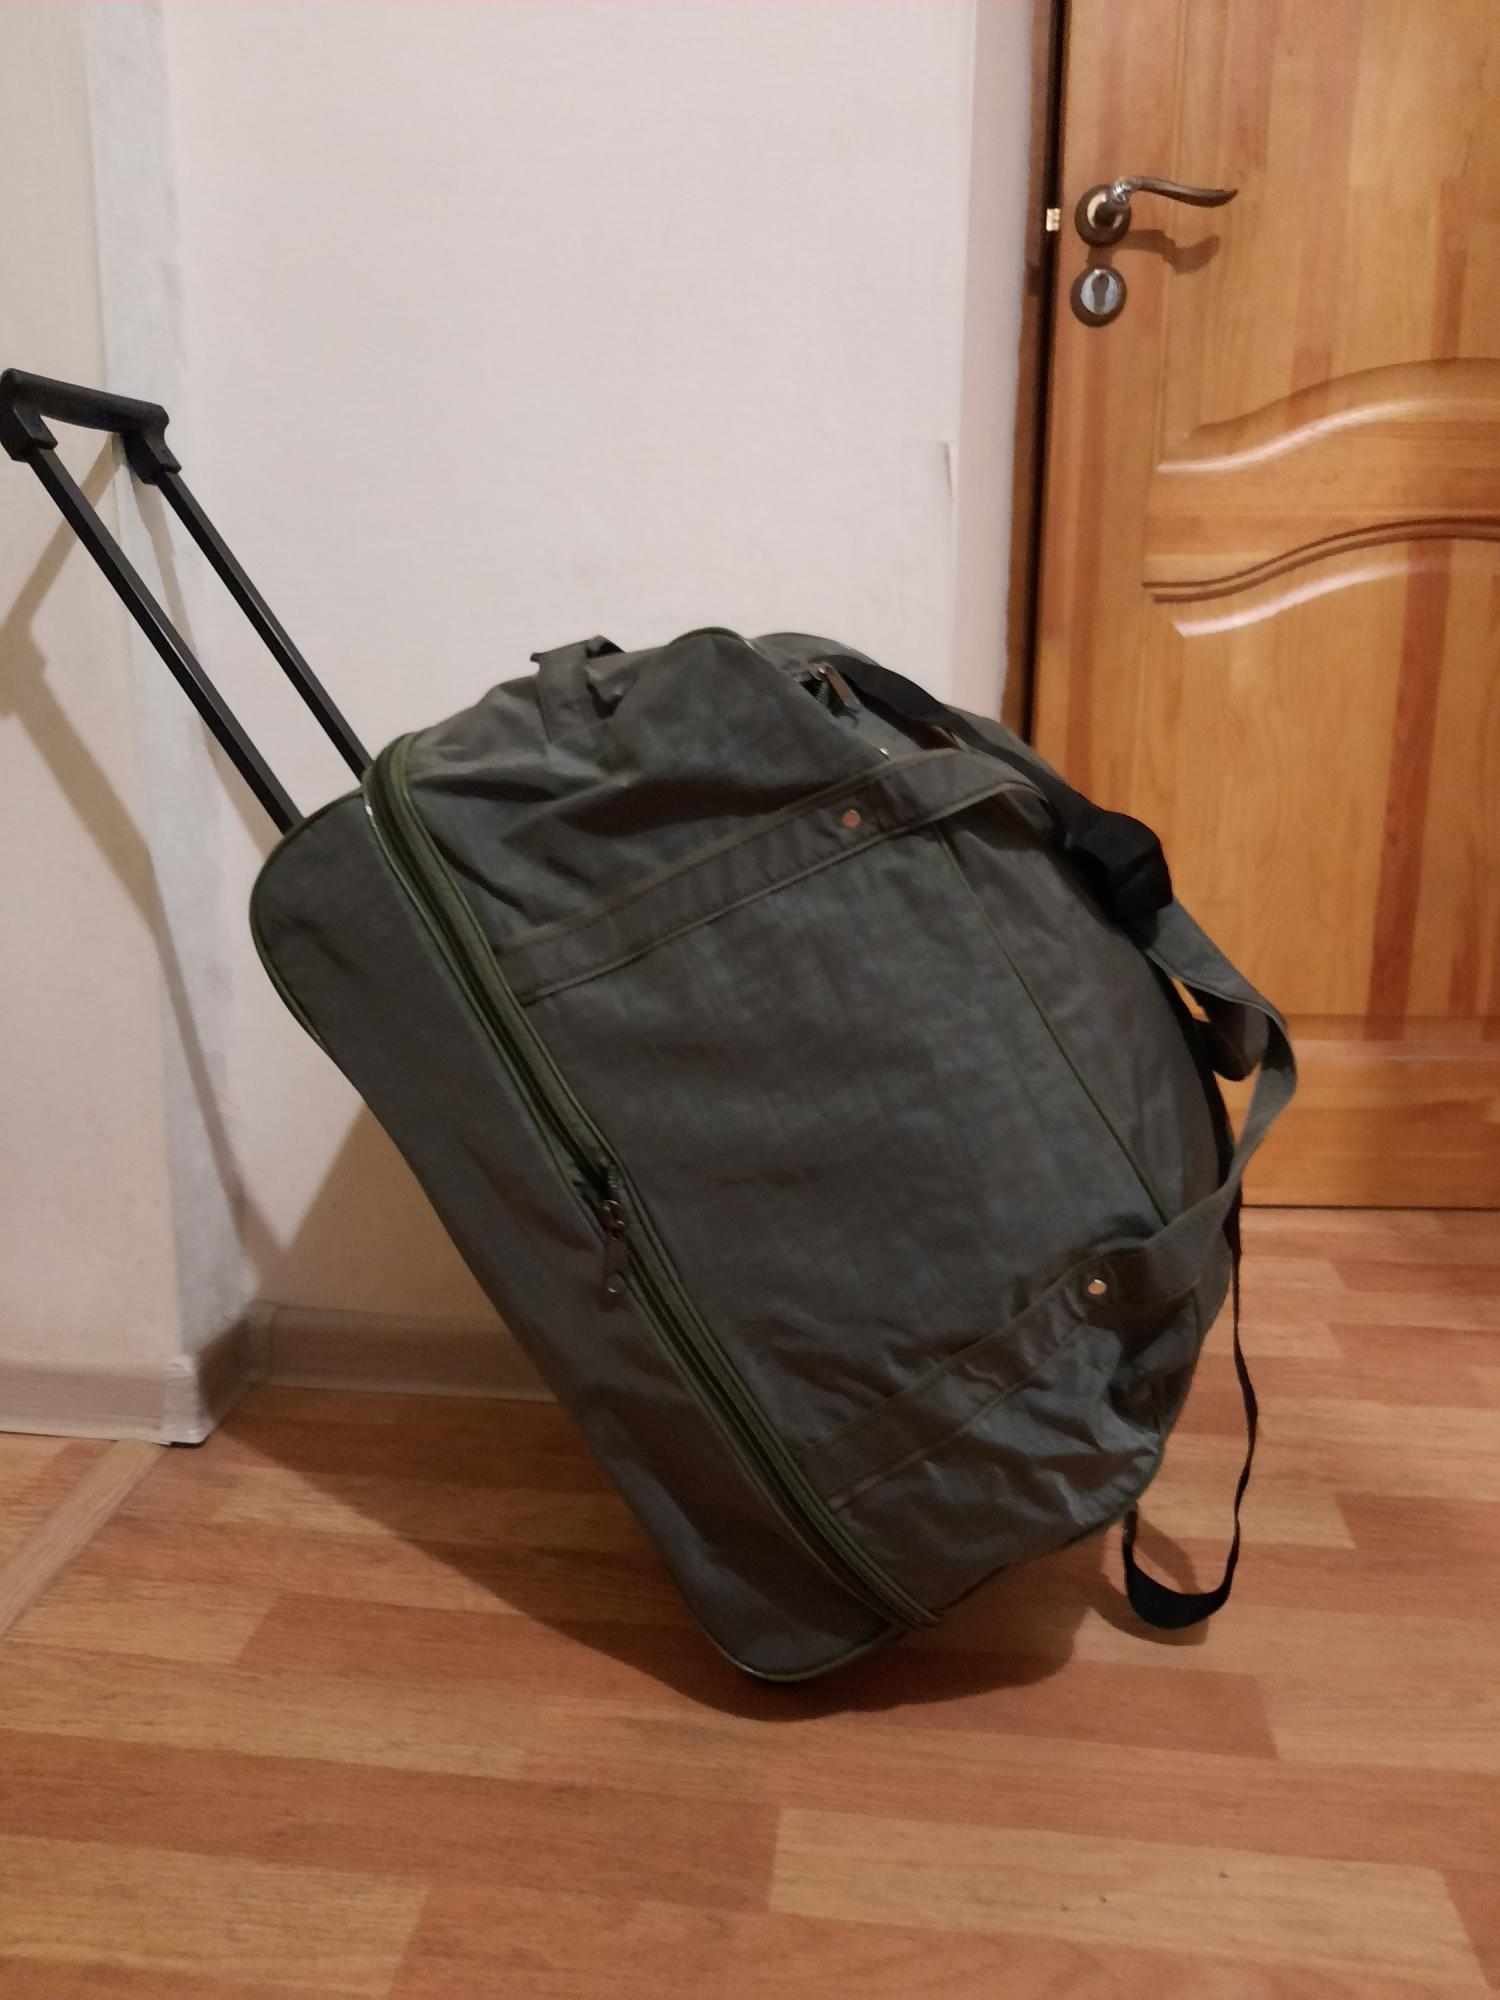 НОВАЯ дорожная сумка на колесах в Москве 89160314195 купить 3